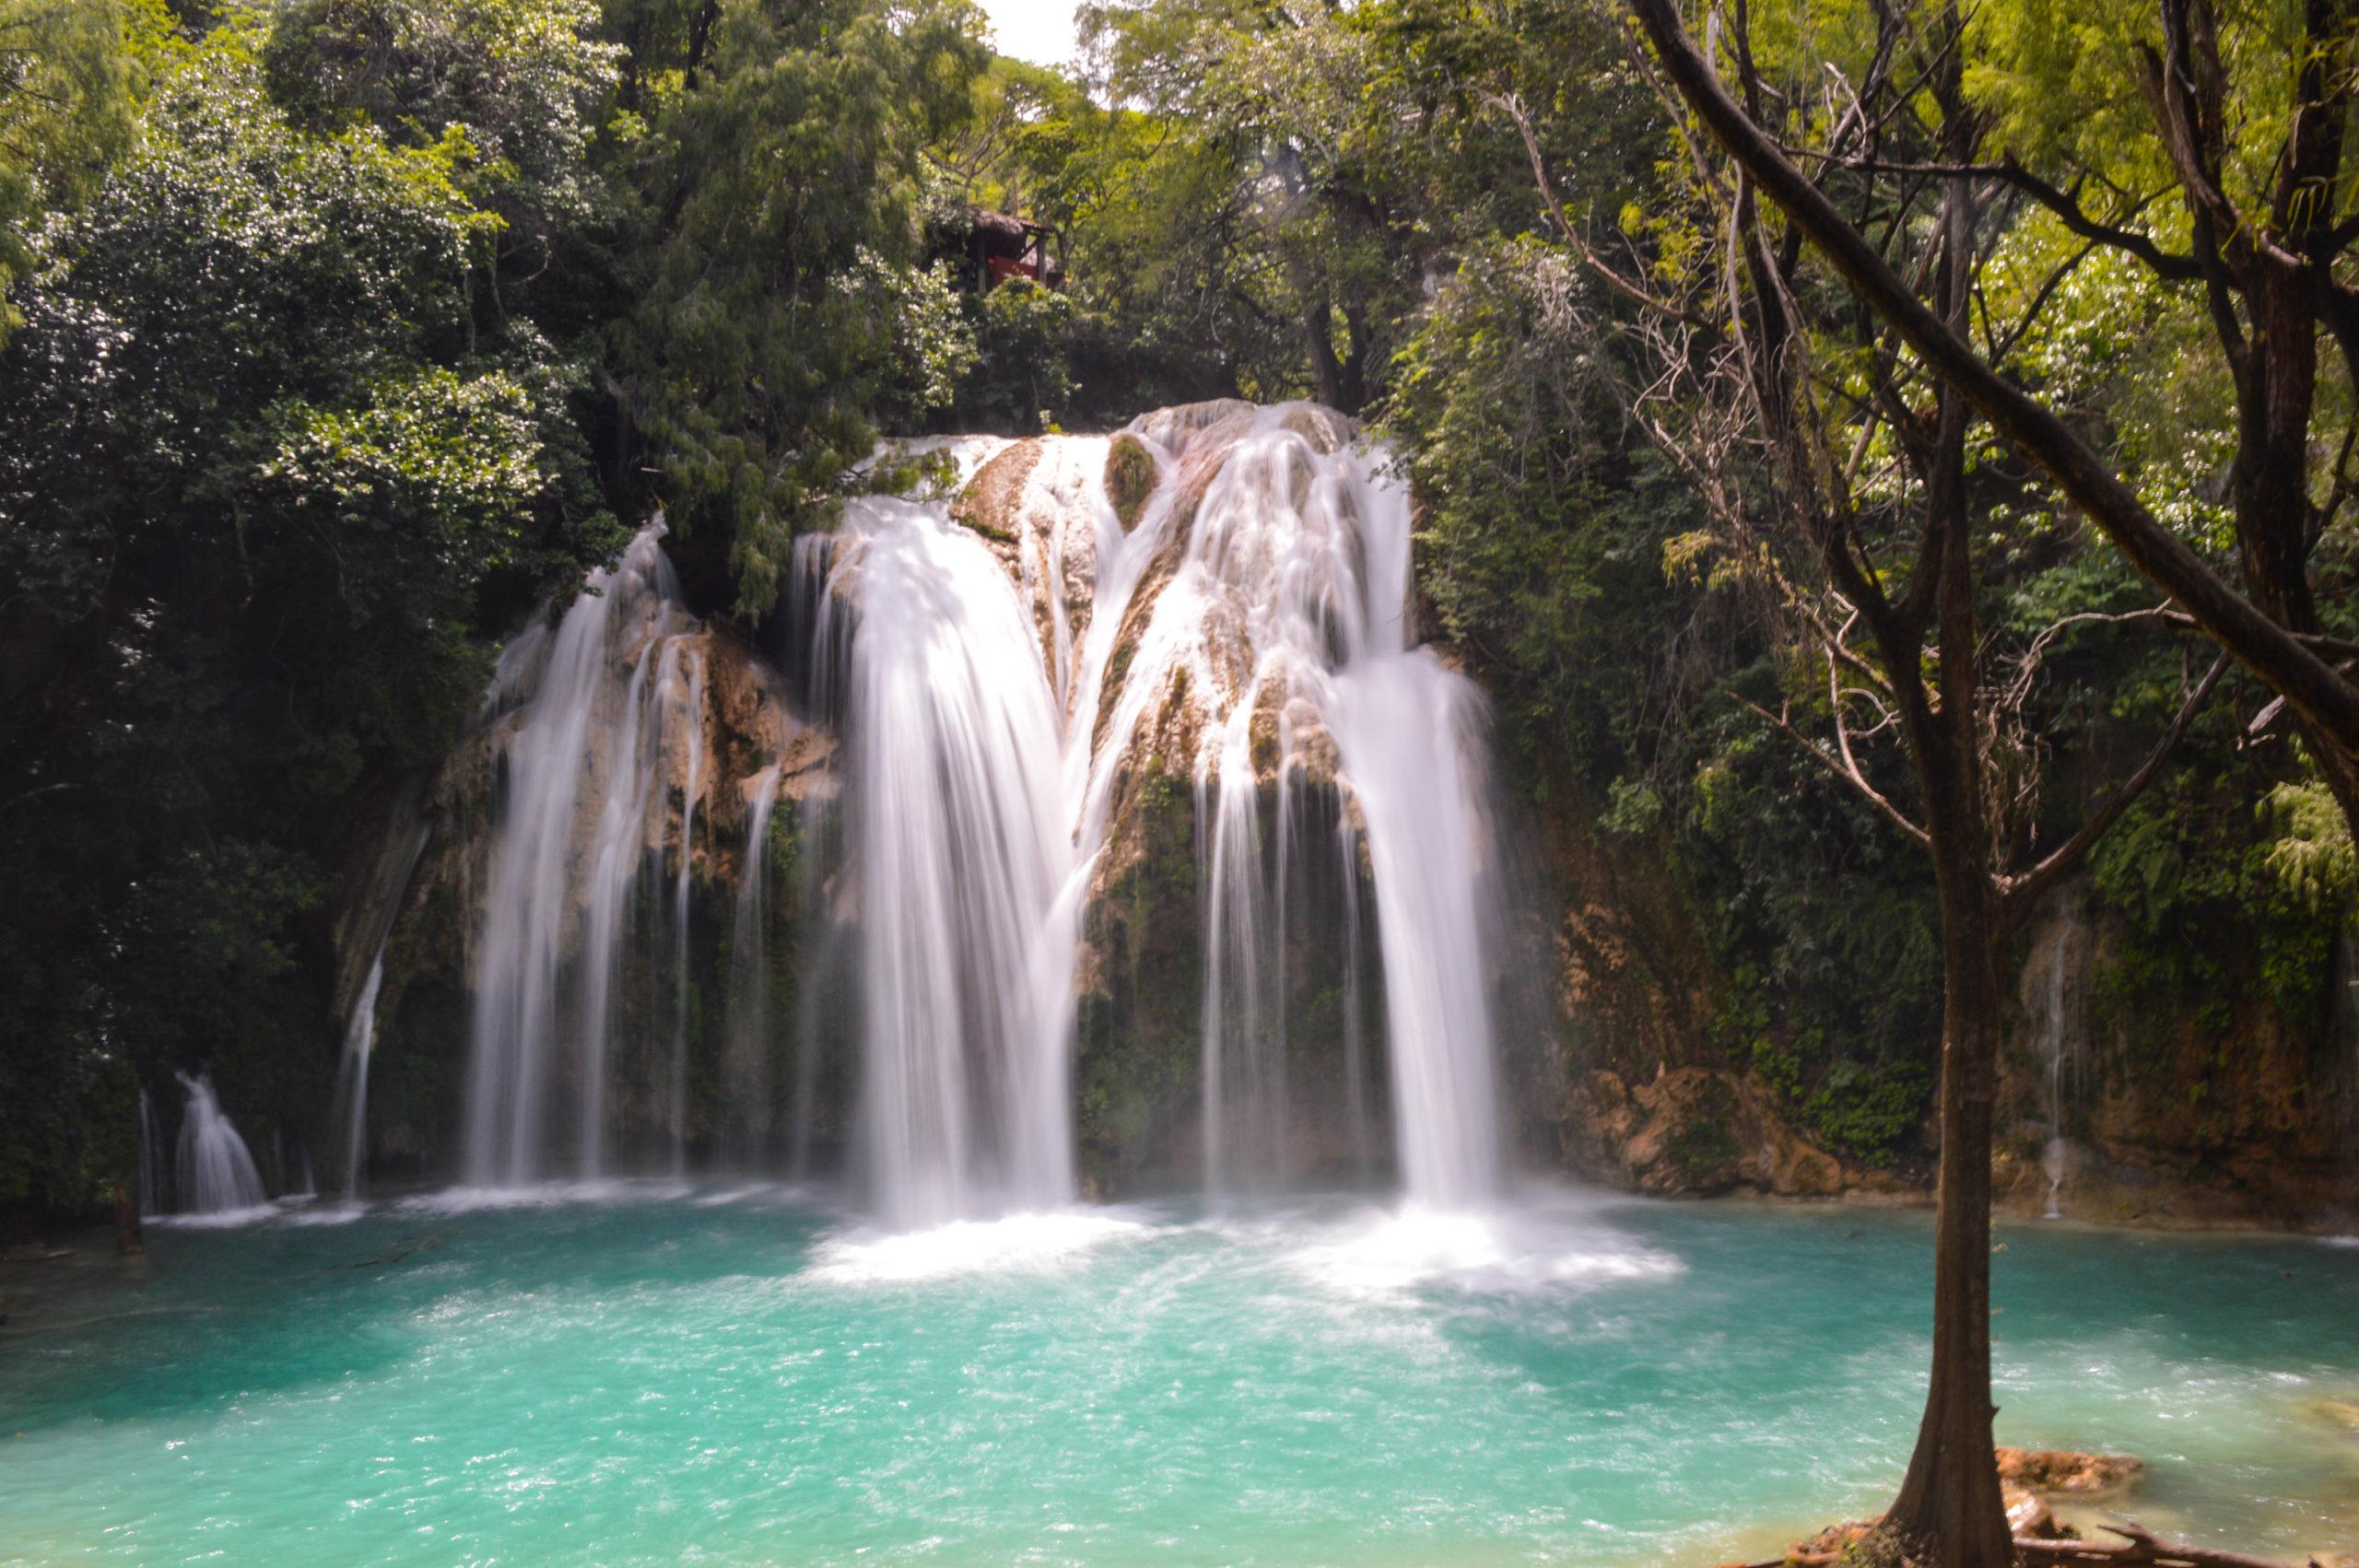 cascade d'eau turquoise dans la forêt tropicale, el chiflon, chiapas